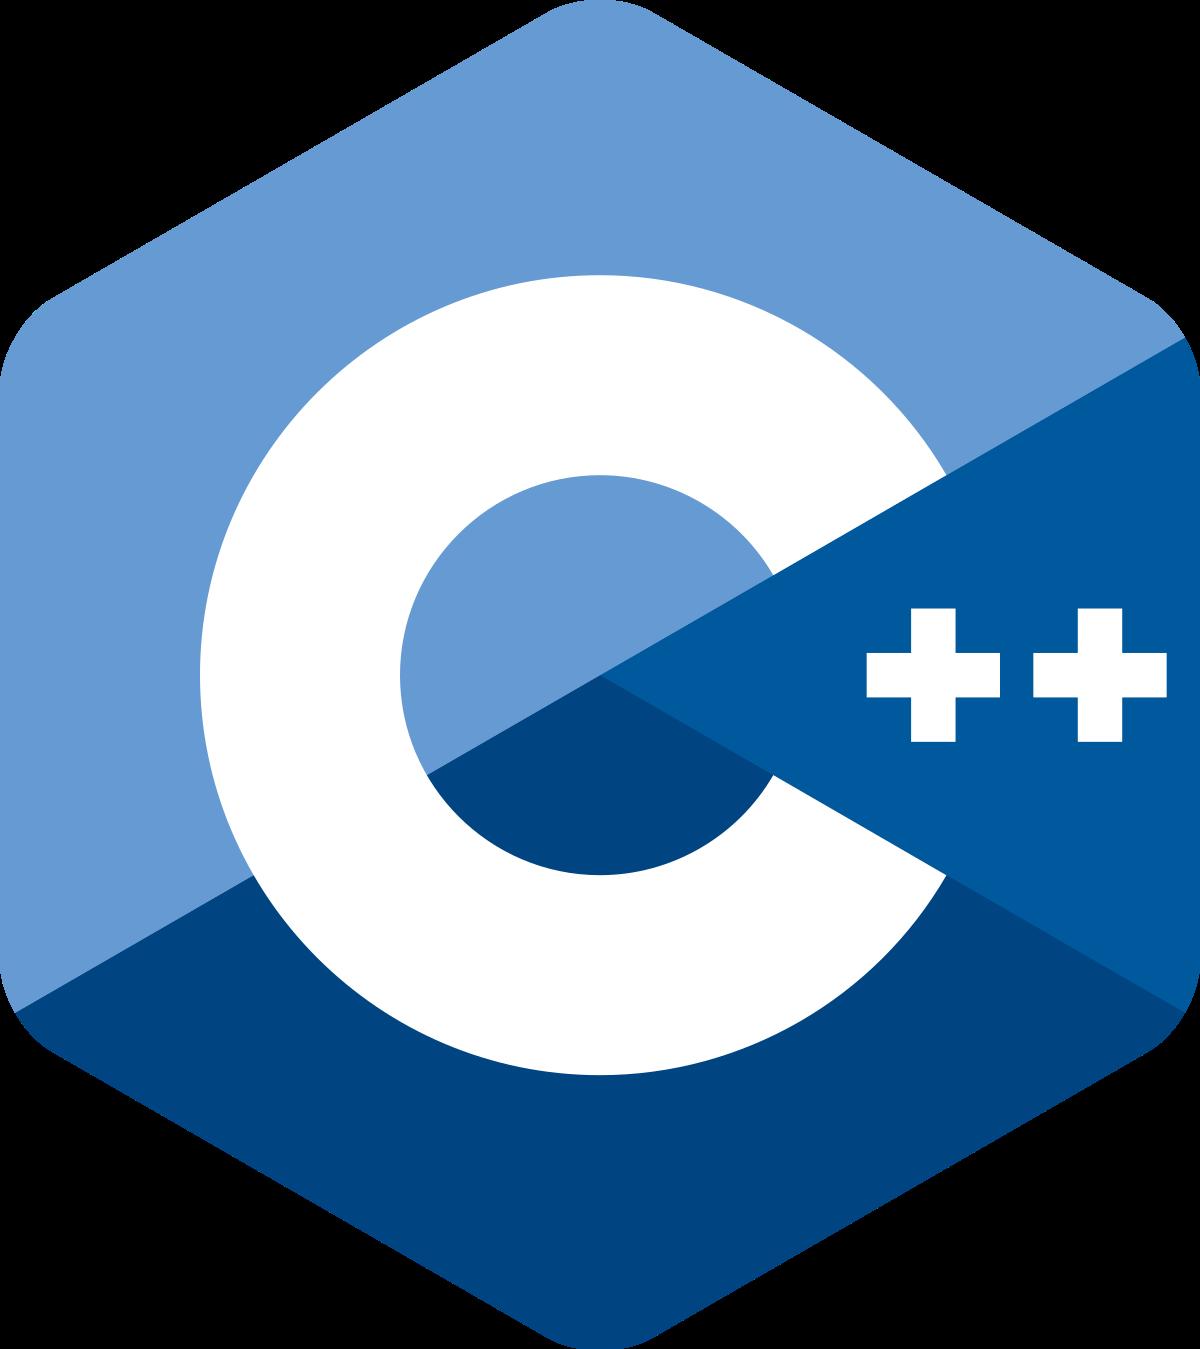 c++-language-logo